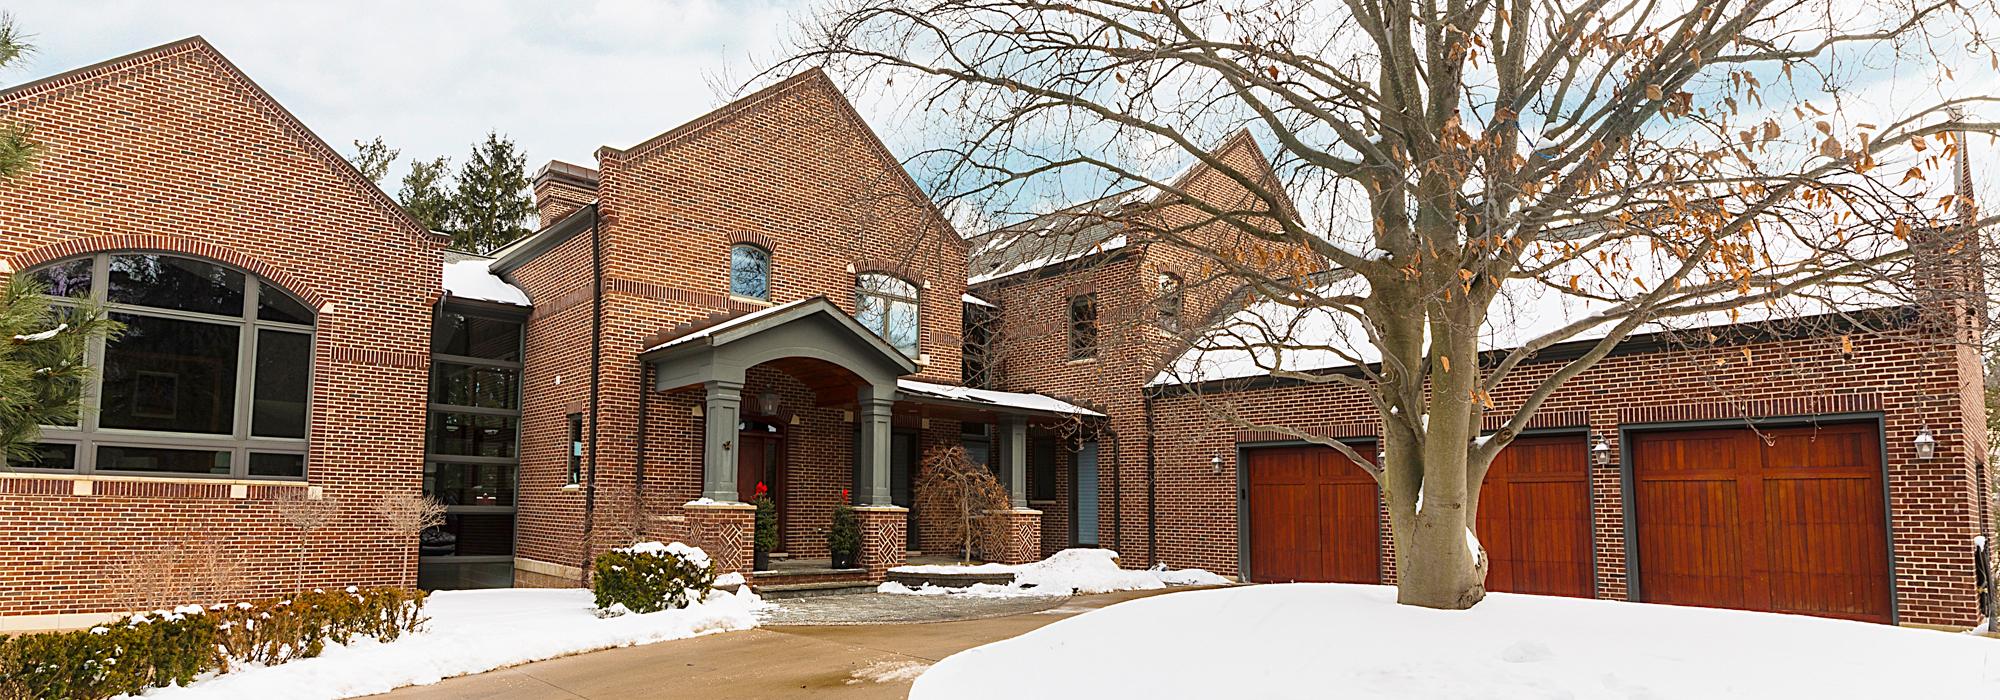 1125 Arlington Blvd, Ann Arbor, MI, 48104